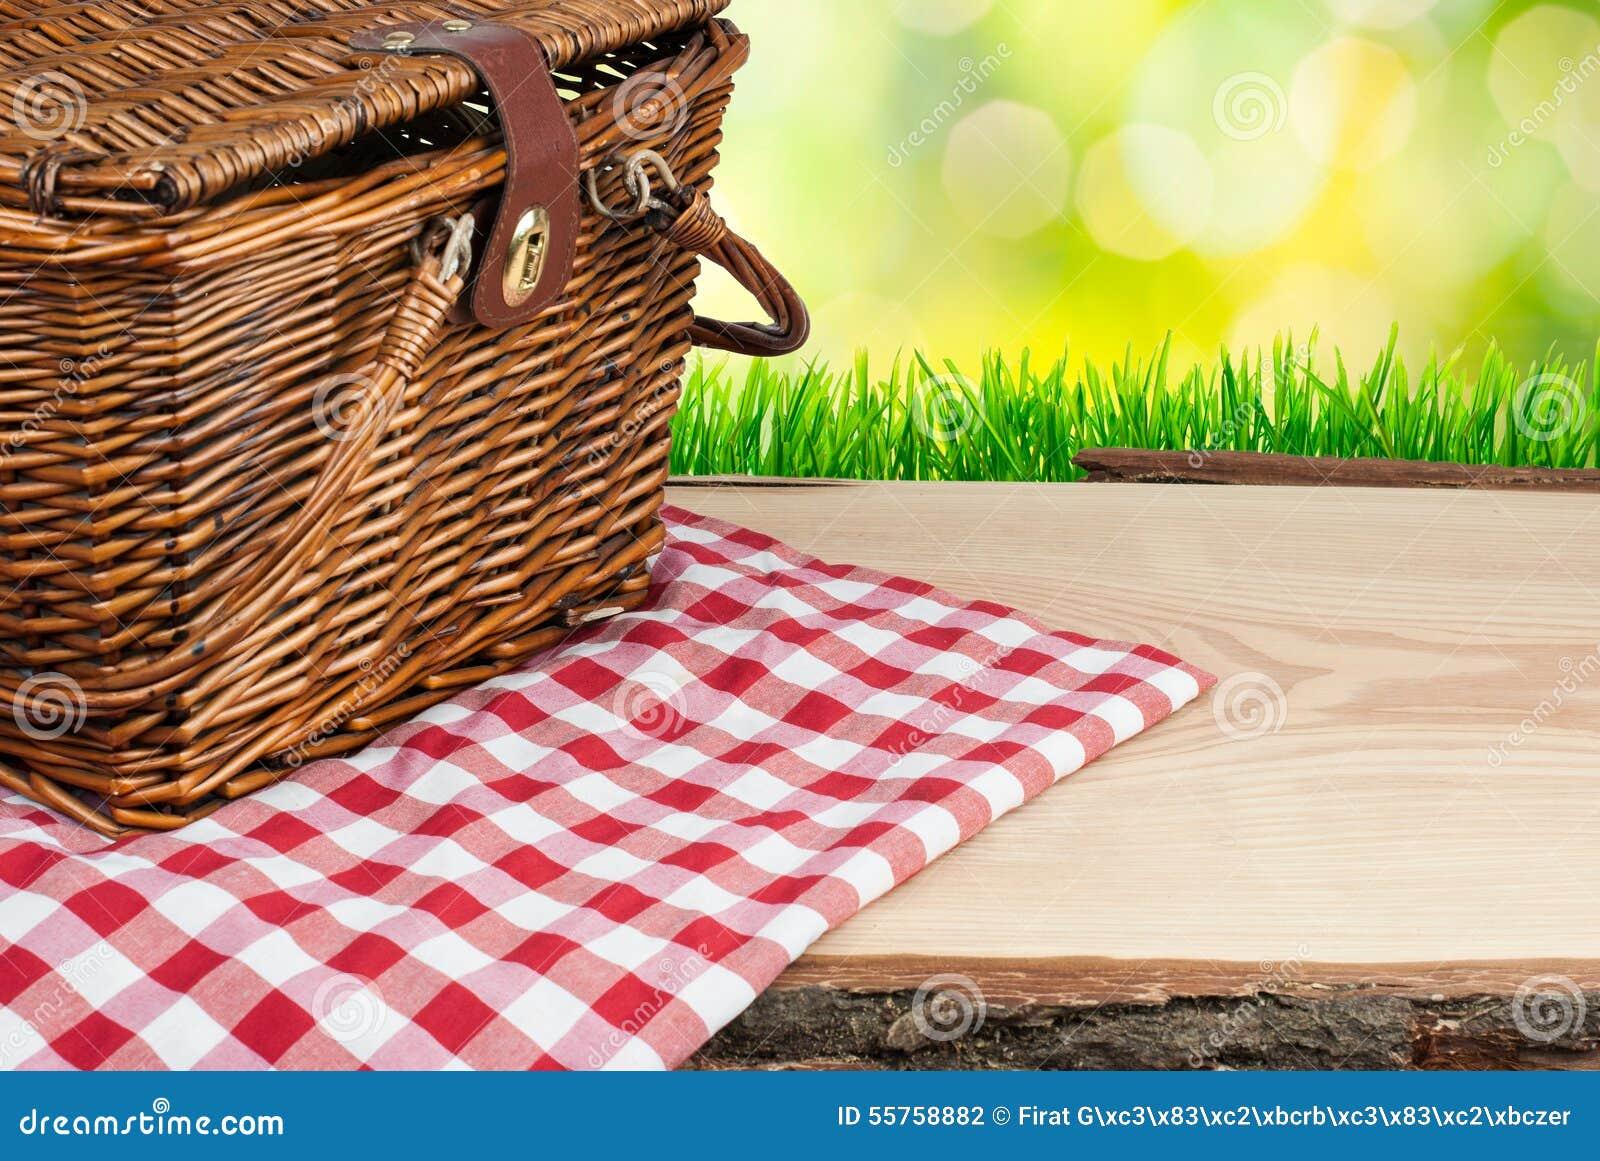 Picknickmand op de hoek van de lijstbovenkant